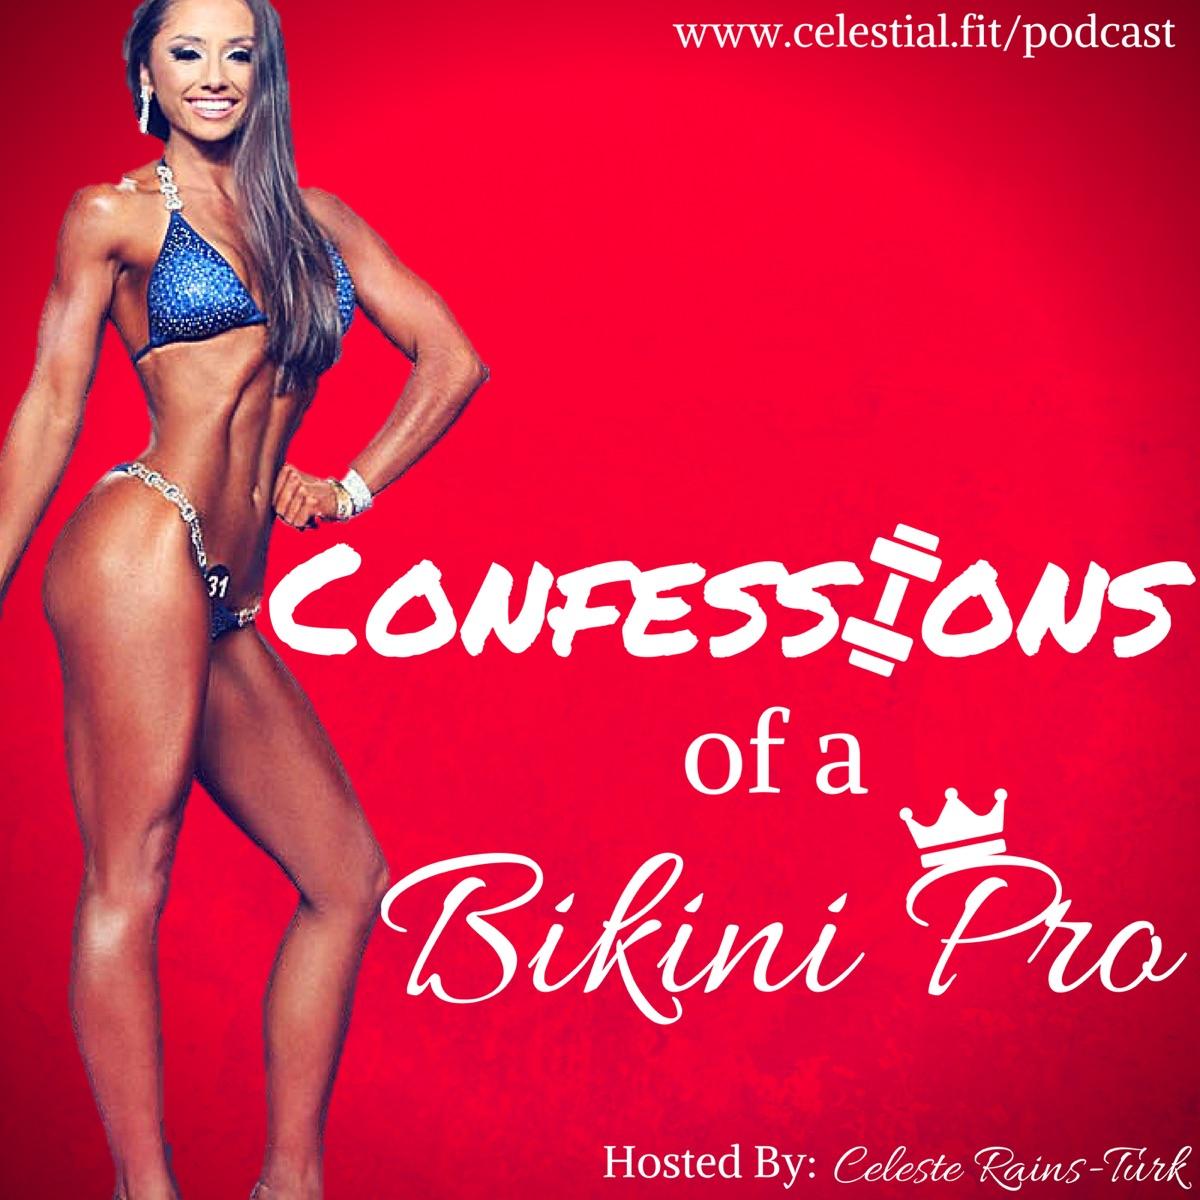 Confessions of a Bikini Pro